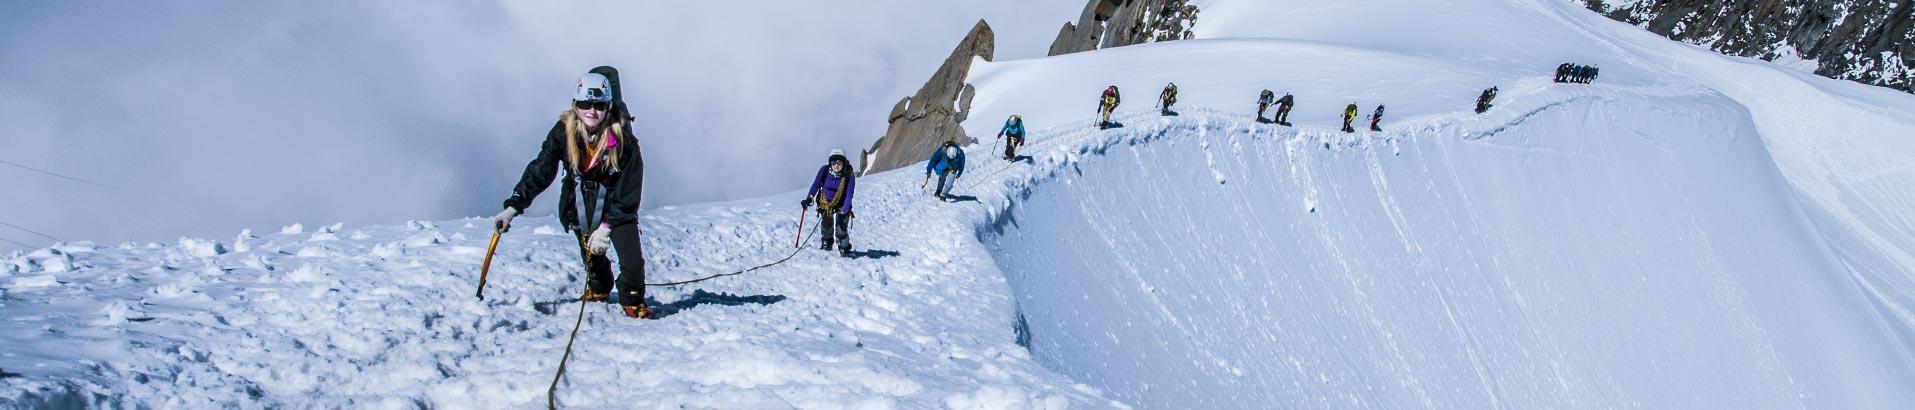 Статья про простейшие техники применяемые в альпинизме и при скалолазании